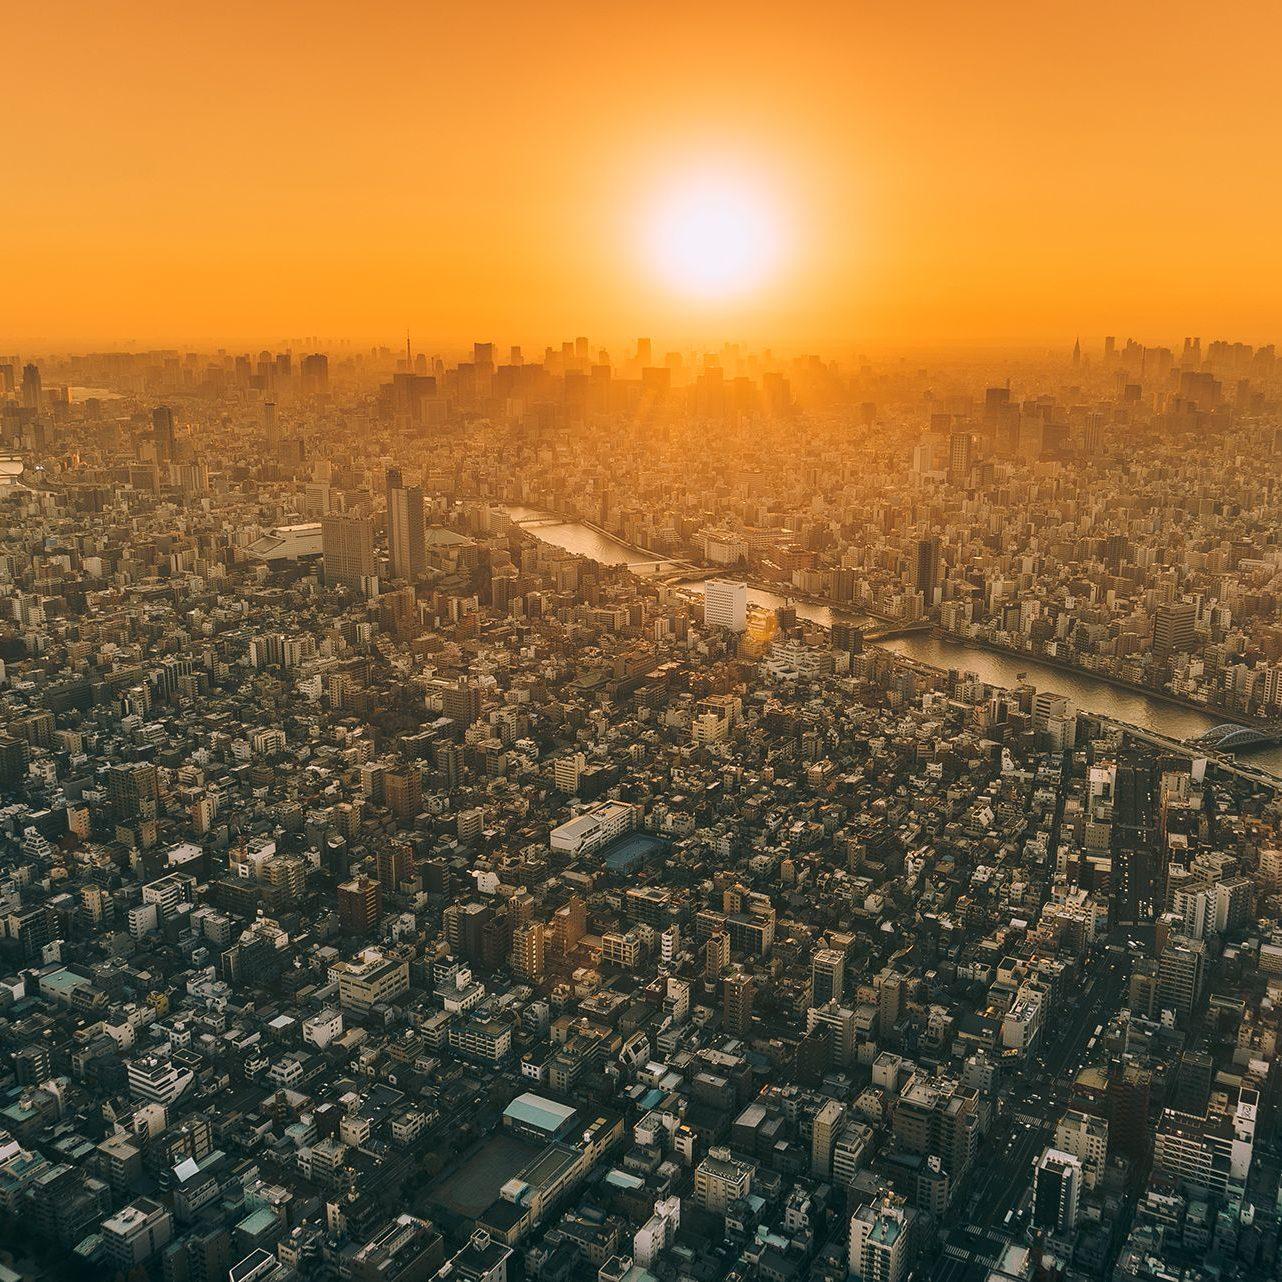 夕日が照らす工業地帯